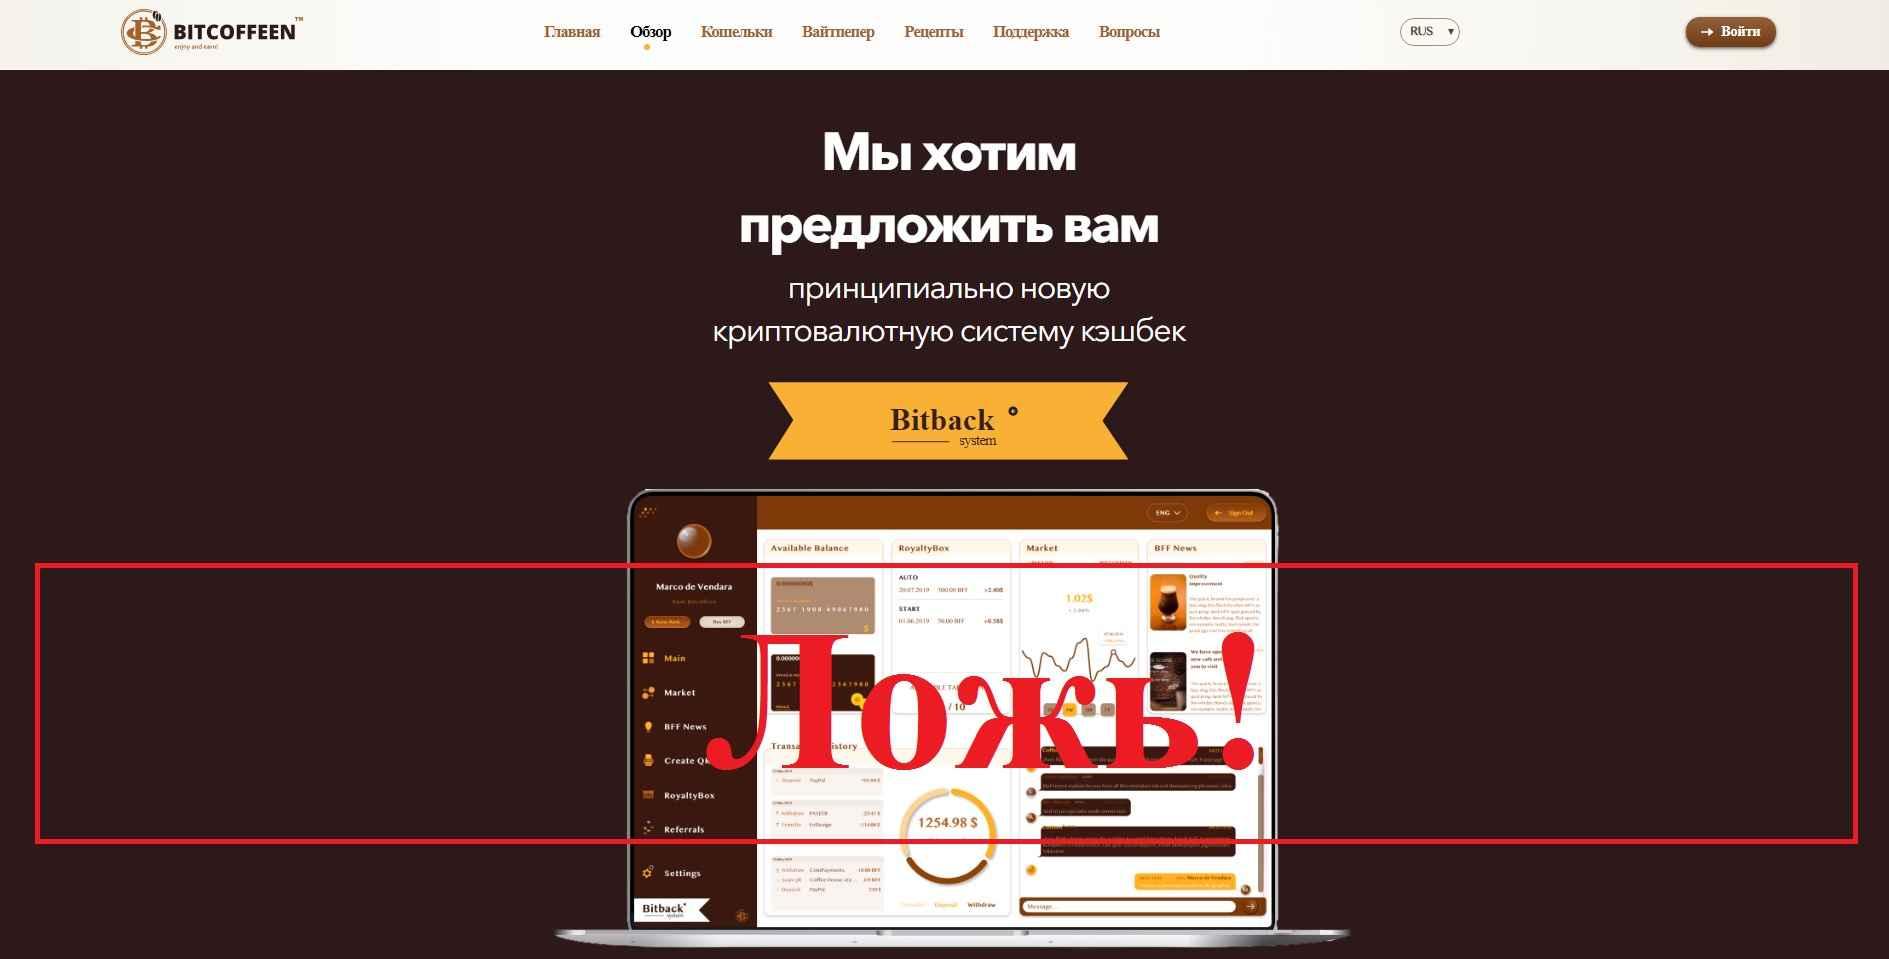 Bitcoffeen – заработок на франшизе в кофе и инвестициях в блокчейн. Обман?